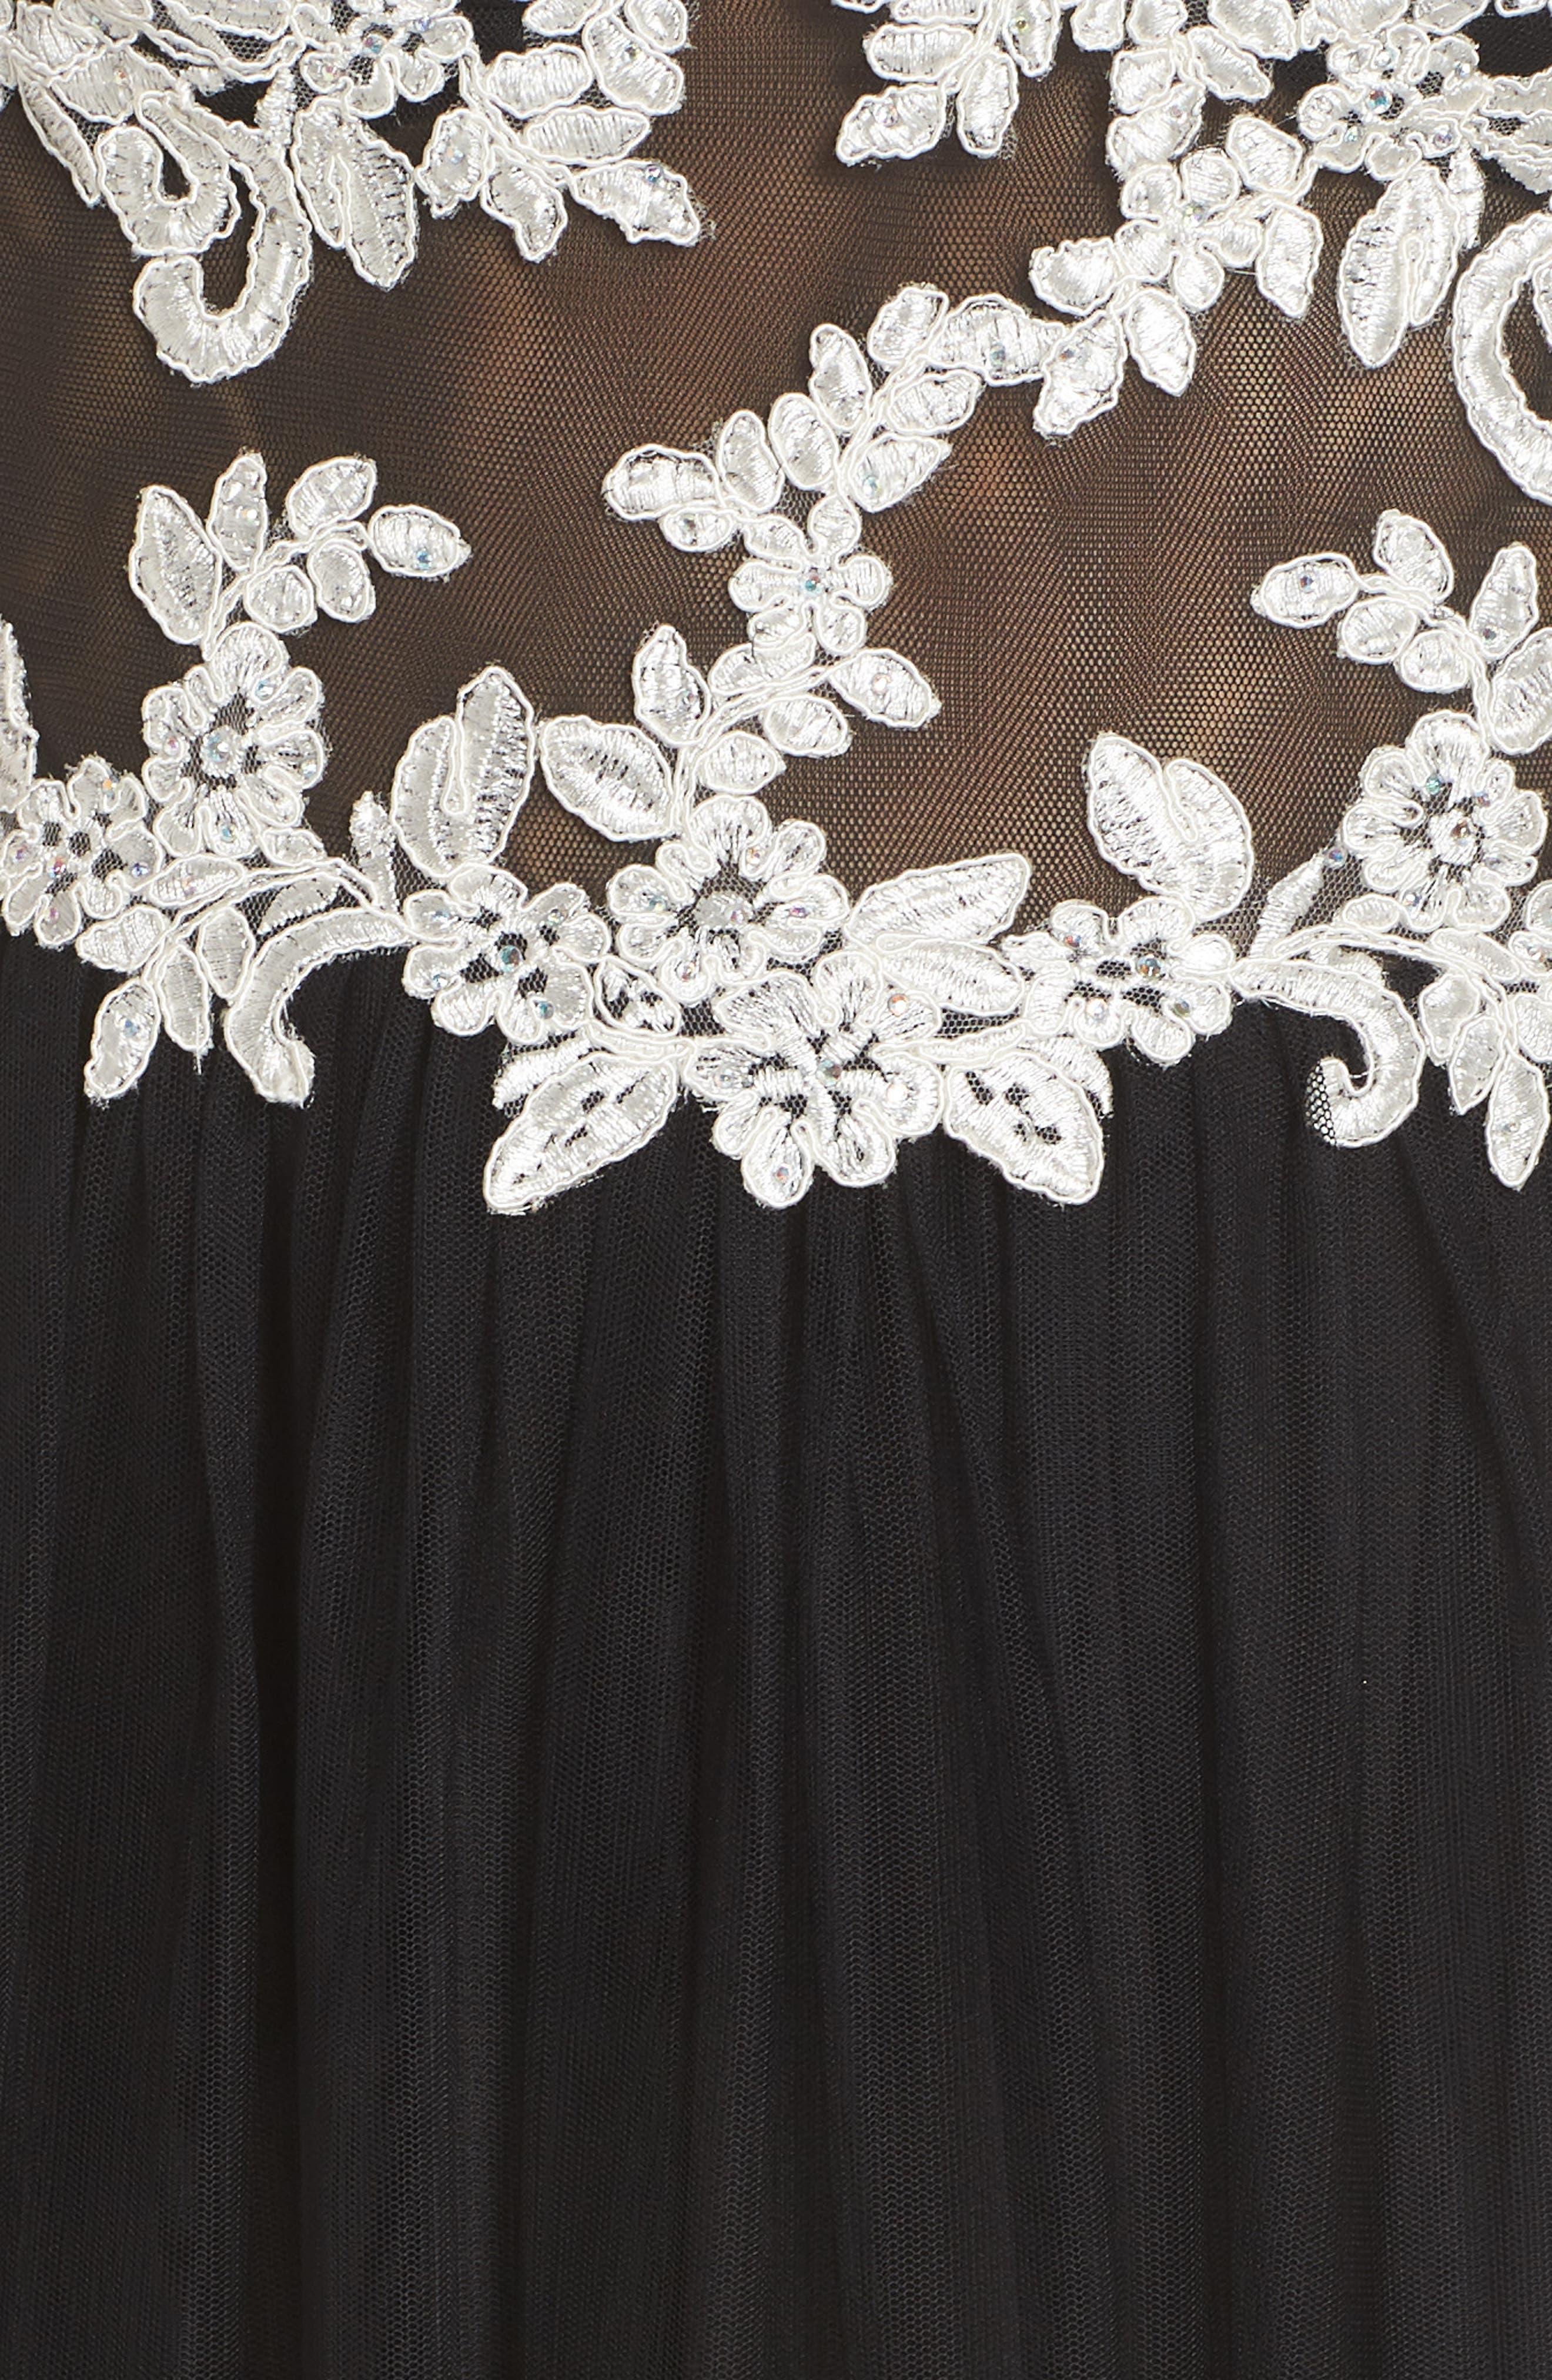 Floral Appliqué V-Neck Gown,                             Alternate thumbnail 6, color,                             BLACK/ WHITE